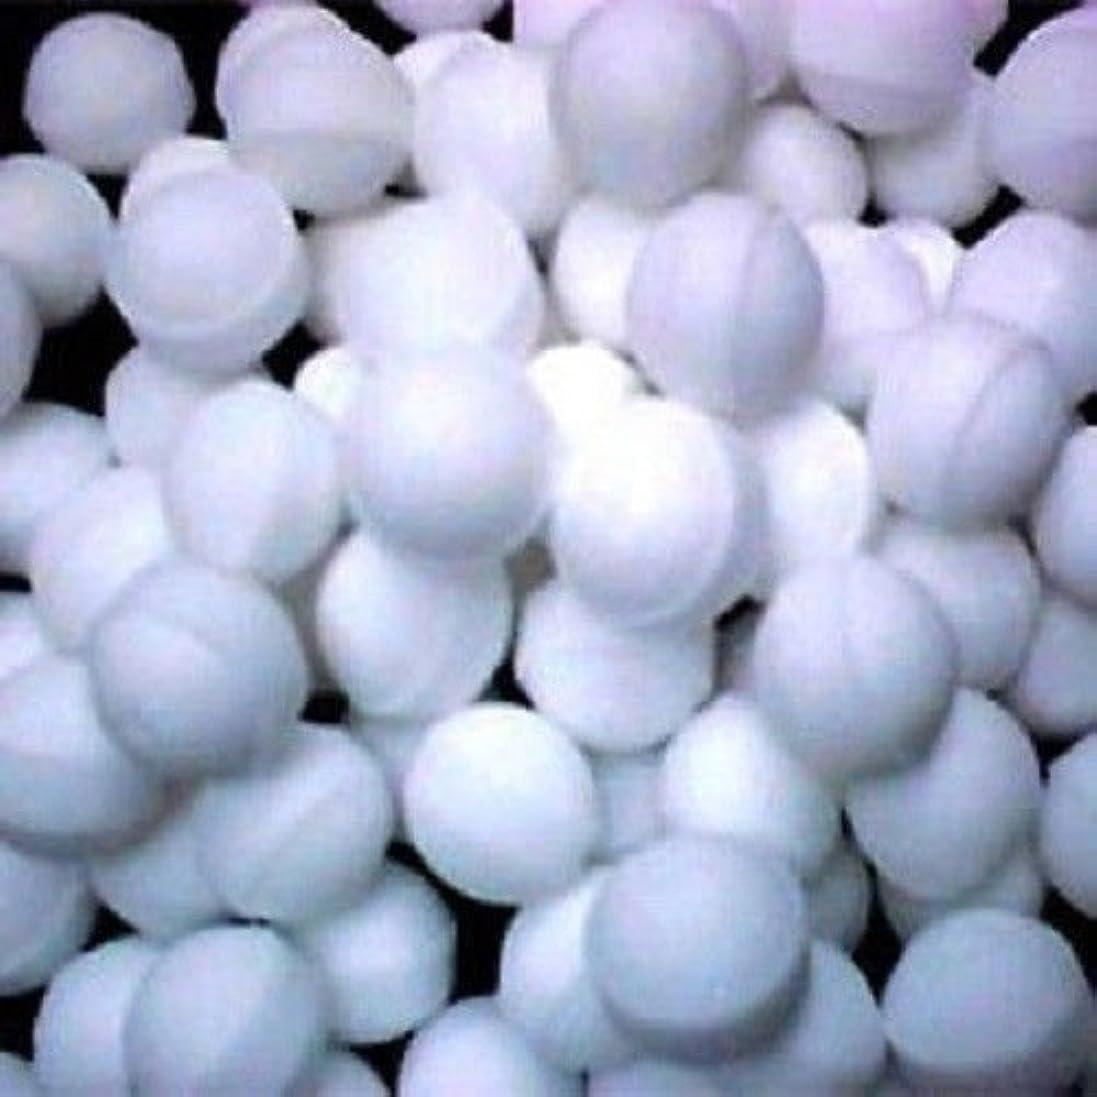 レパートリー学部署名Naphthalene Balls, Moth Balls,snow White,toilets,cupboards,books,cloth Mothballs- 50 Balls 100g Pack by Eagle...